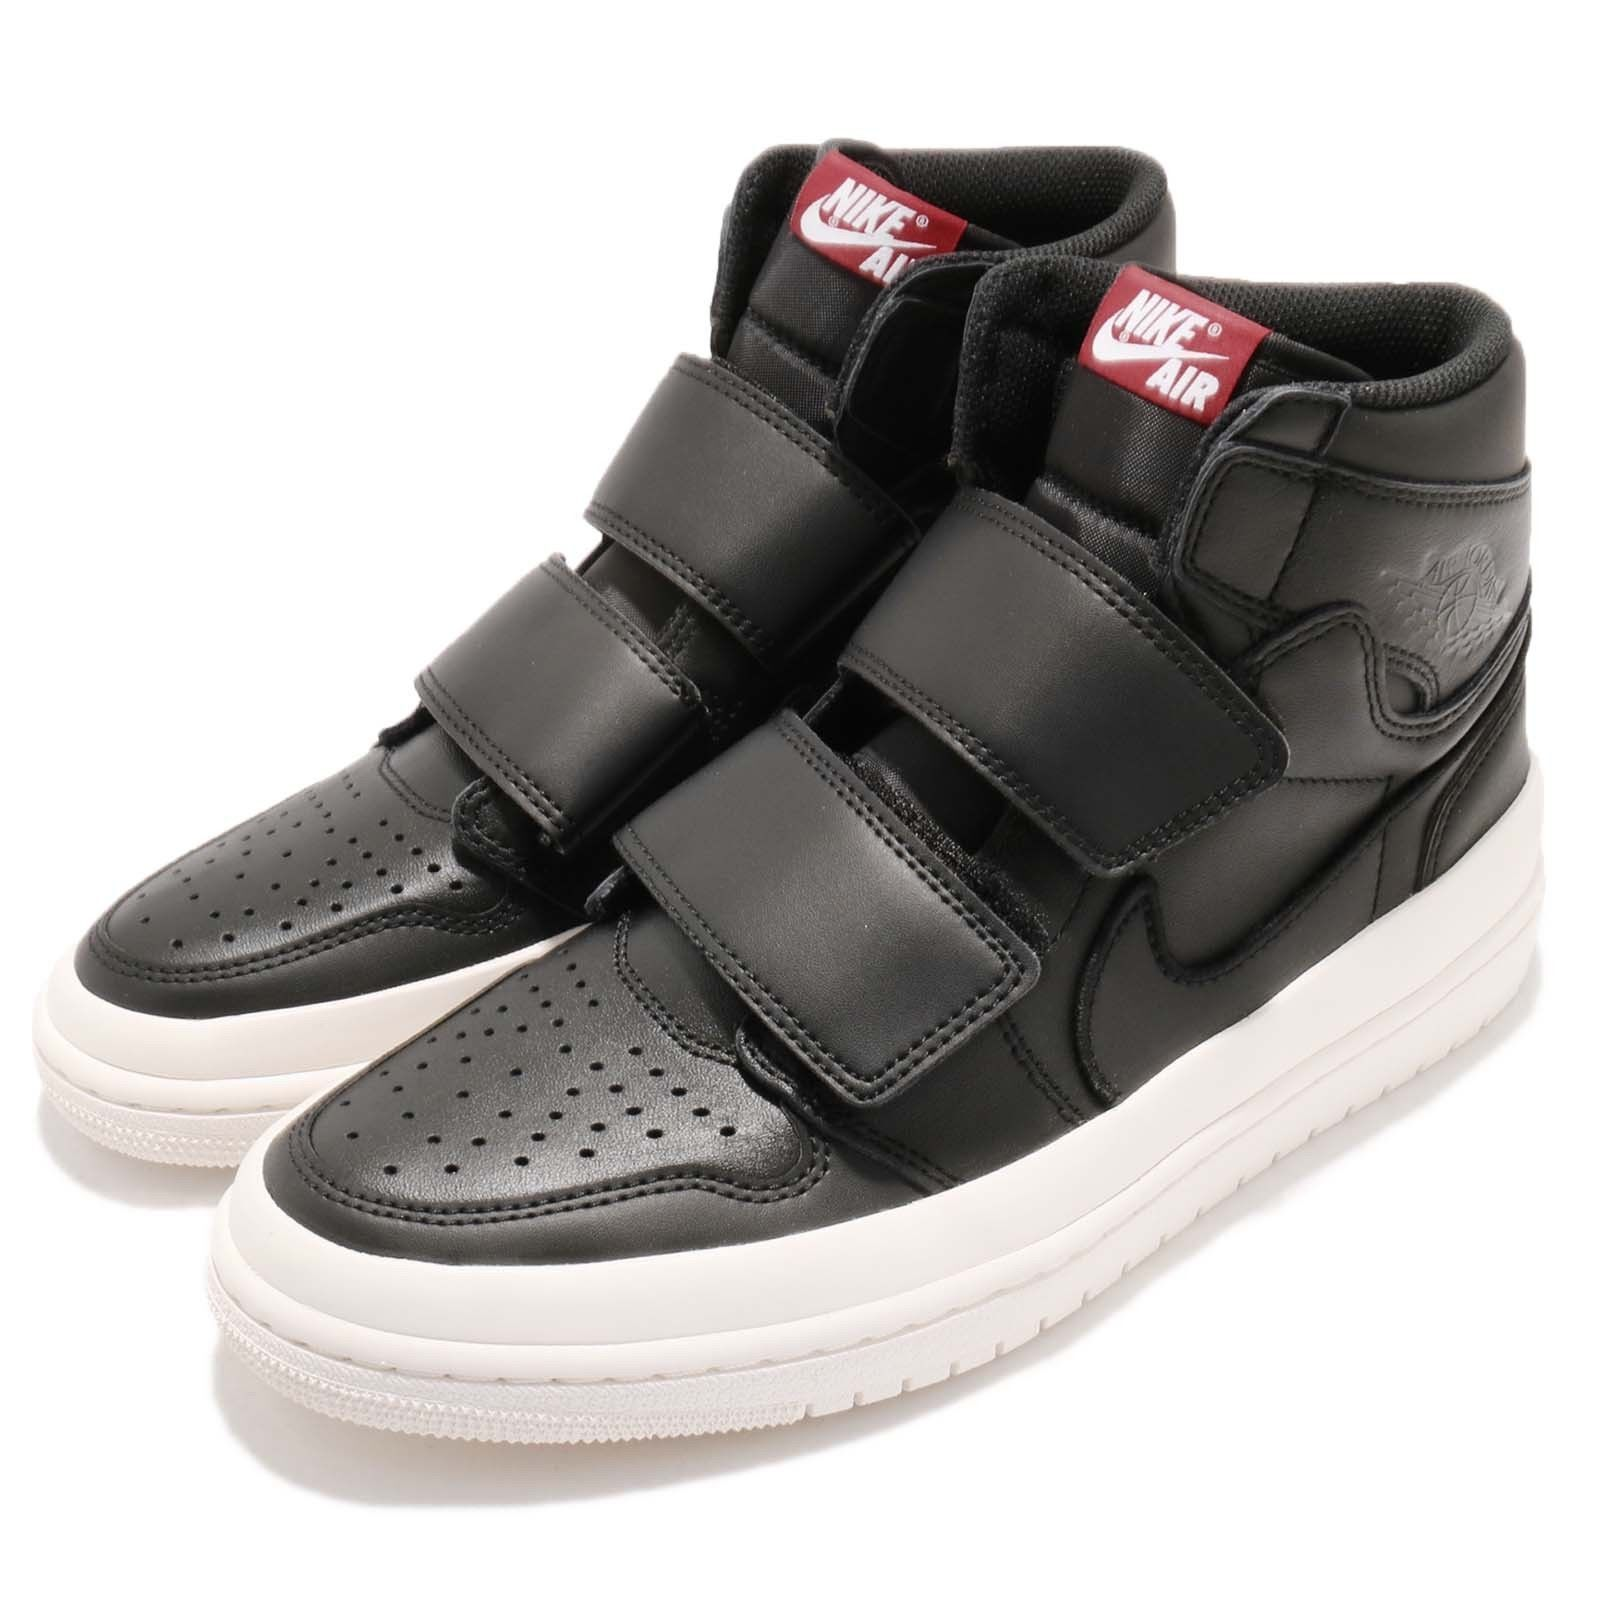 Nike Air Jordan 1 RE Hi Double STRP Strap I AJ1 Black Men shoes AQ7924-001 Size 8